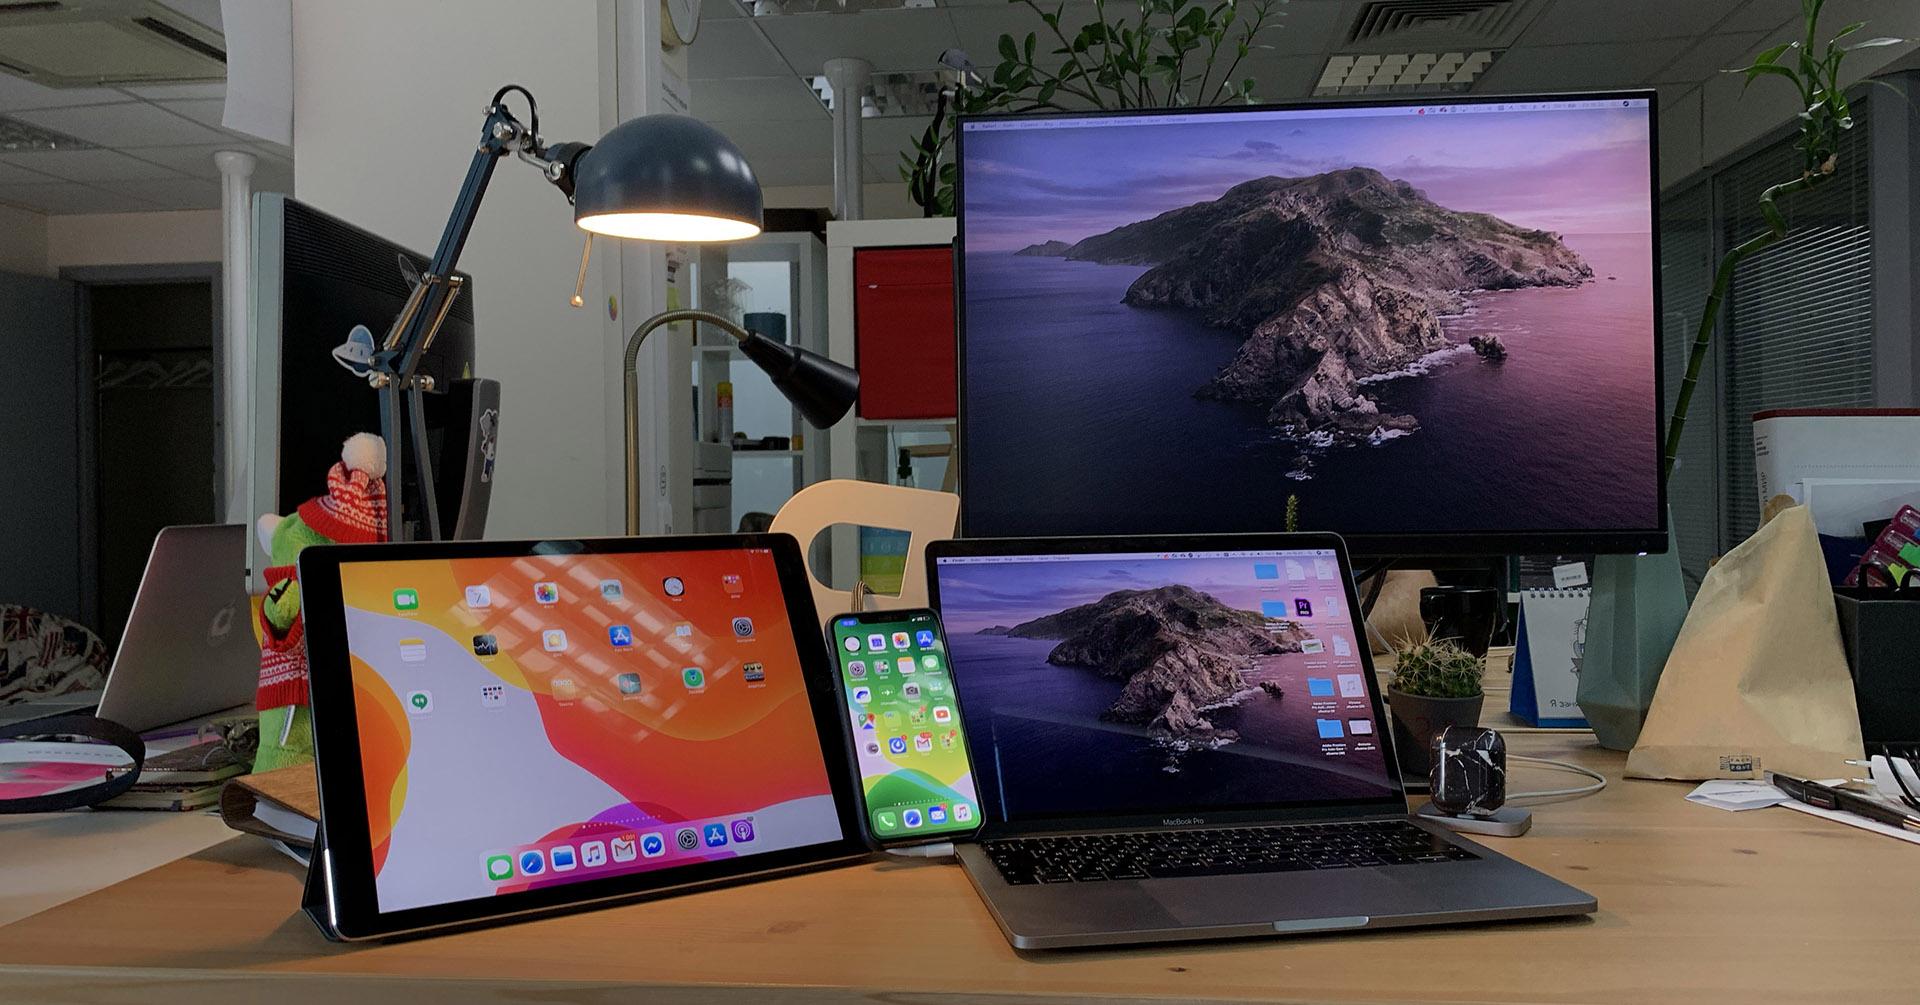 Беты Apple живьем: мелочи, о которых не рассказали на презентации - 1